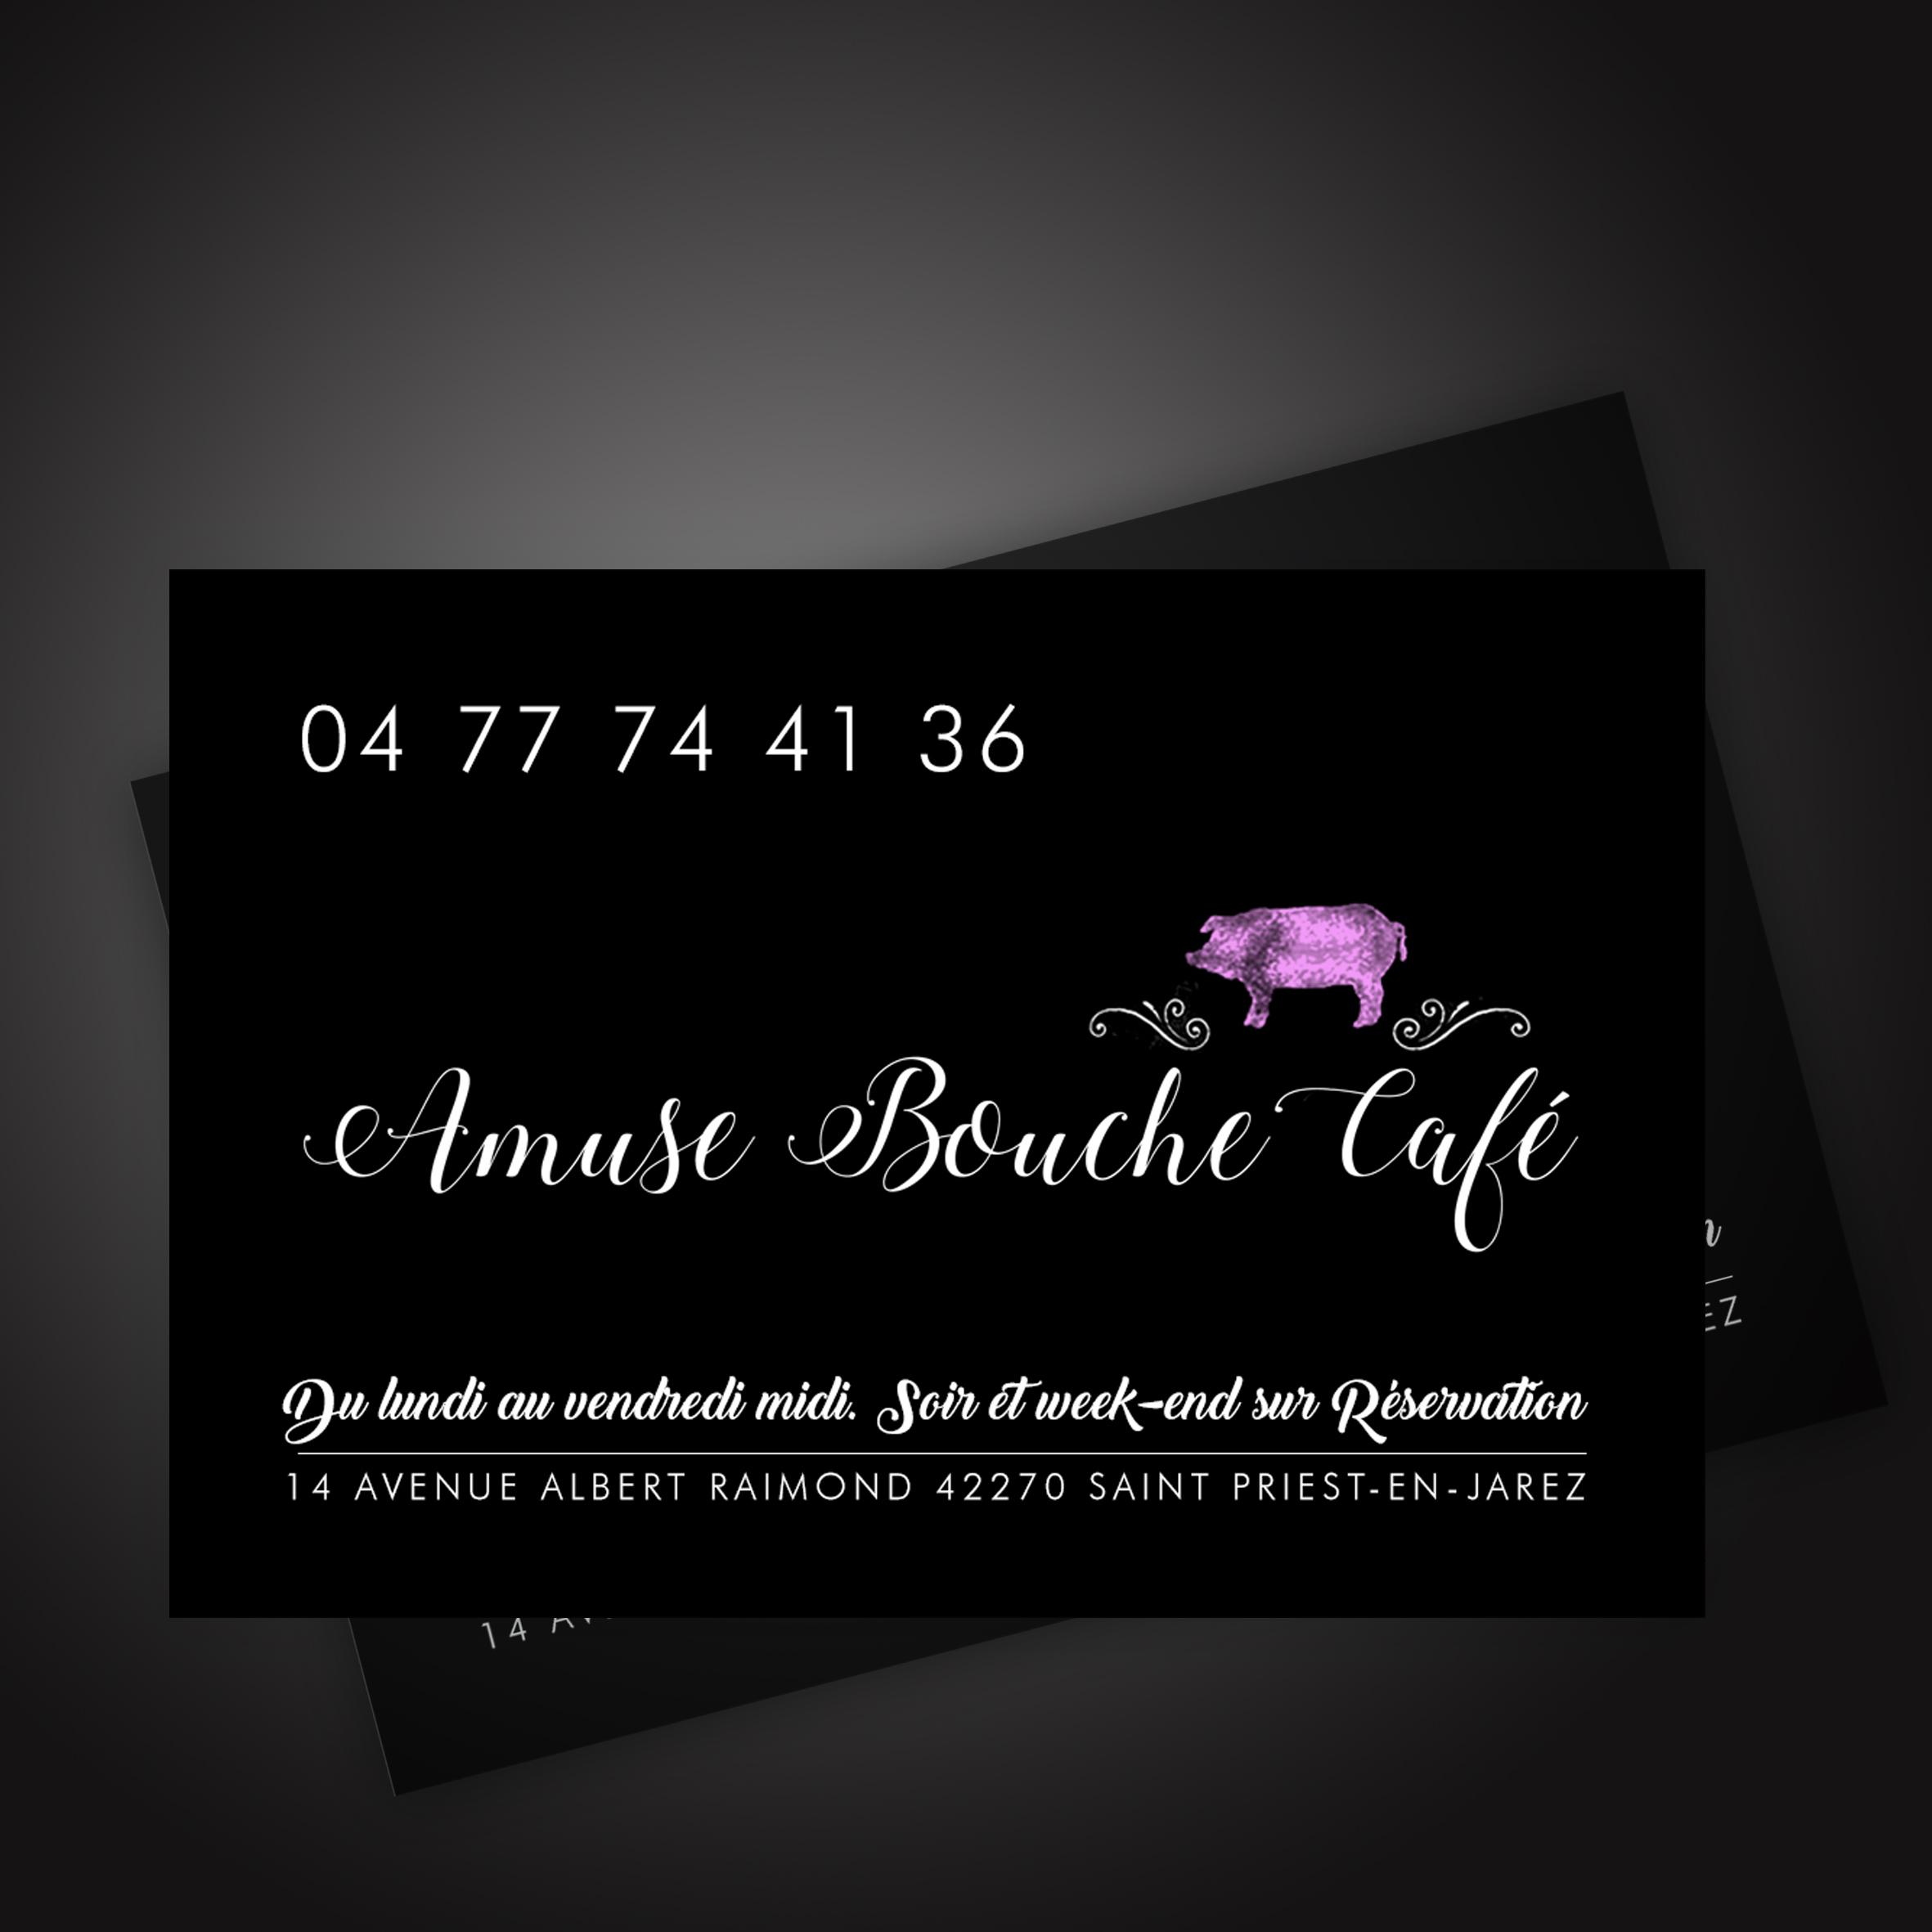 Cartede visite Amuse Bouche Café